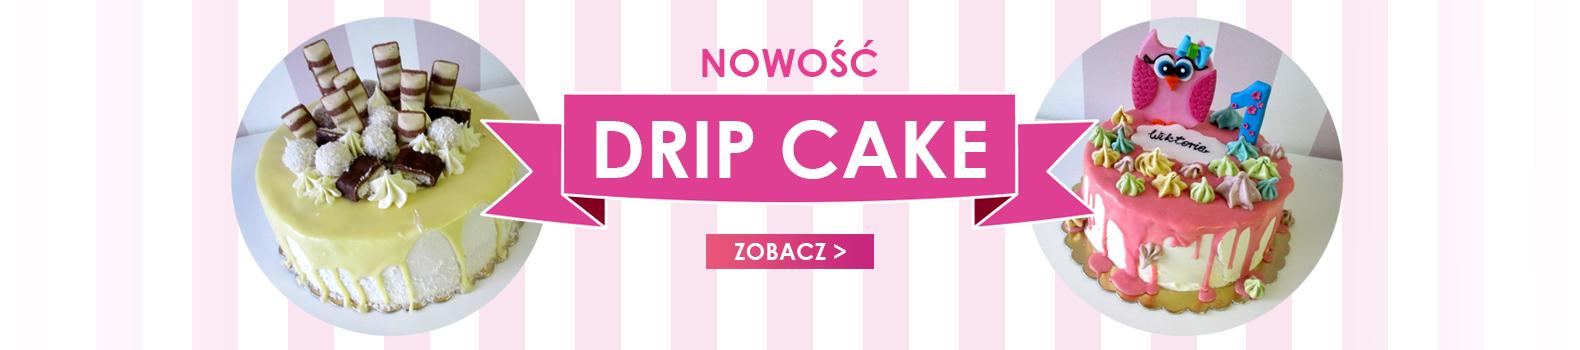 slider-drip-cake